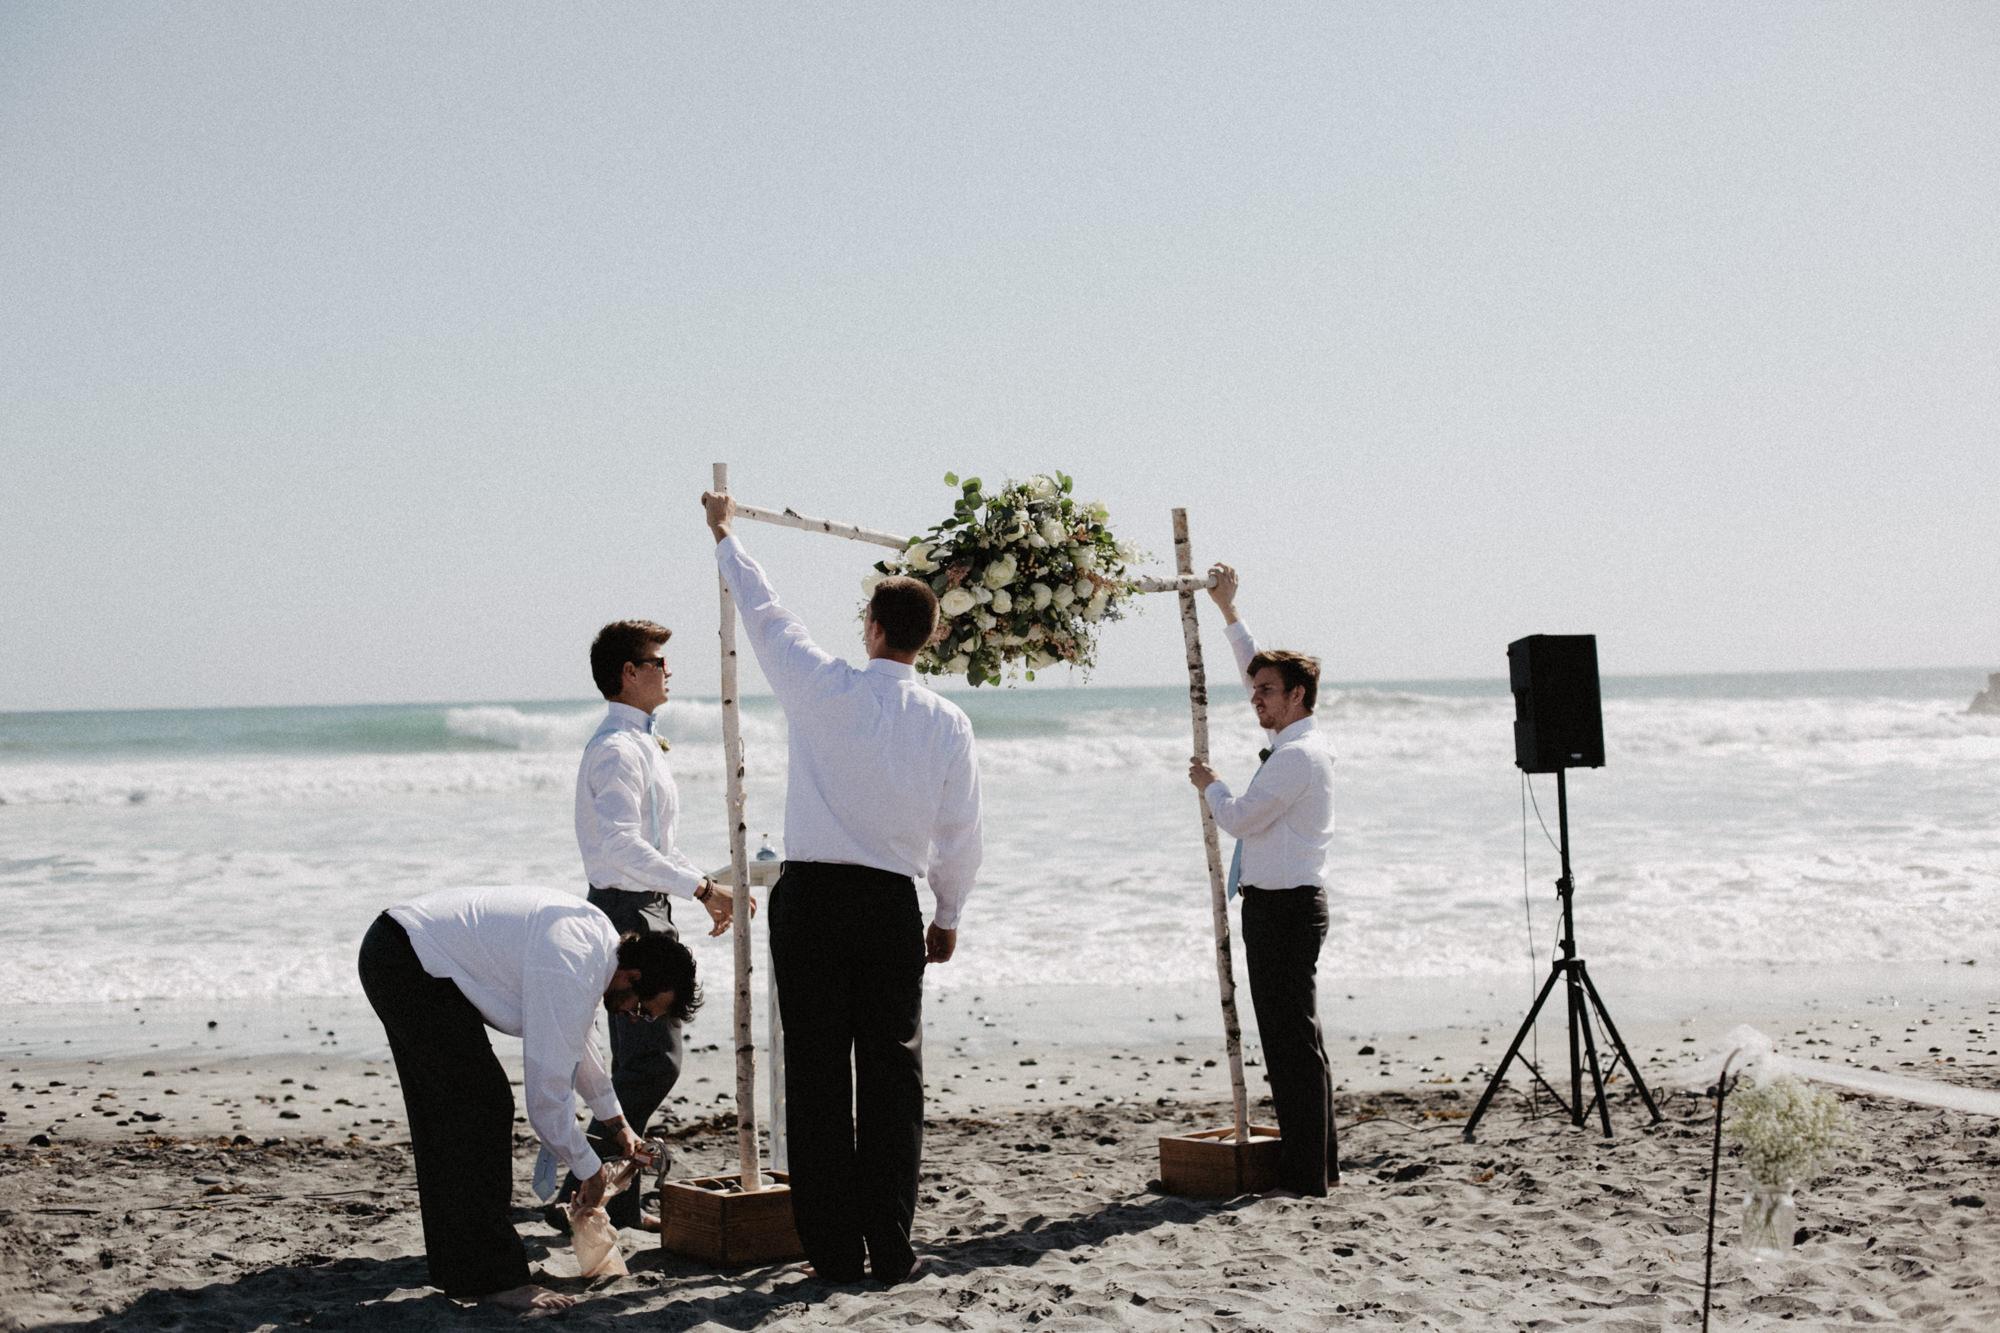 oceanside_airbnb_wedding-17.jpg